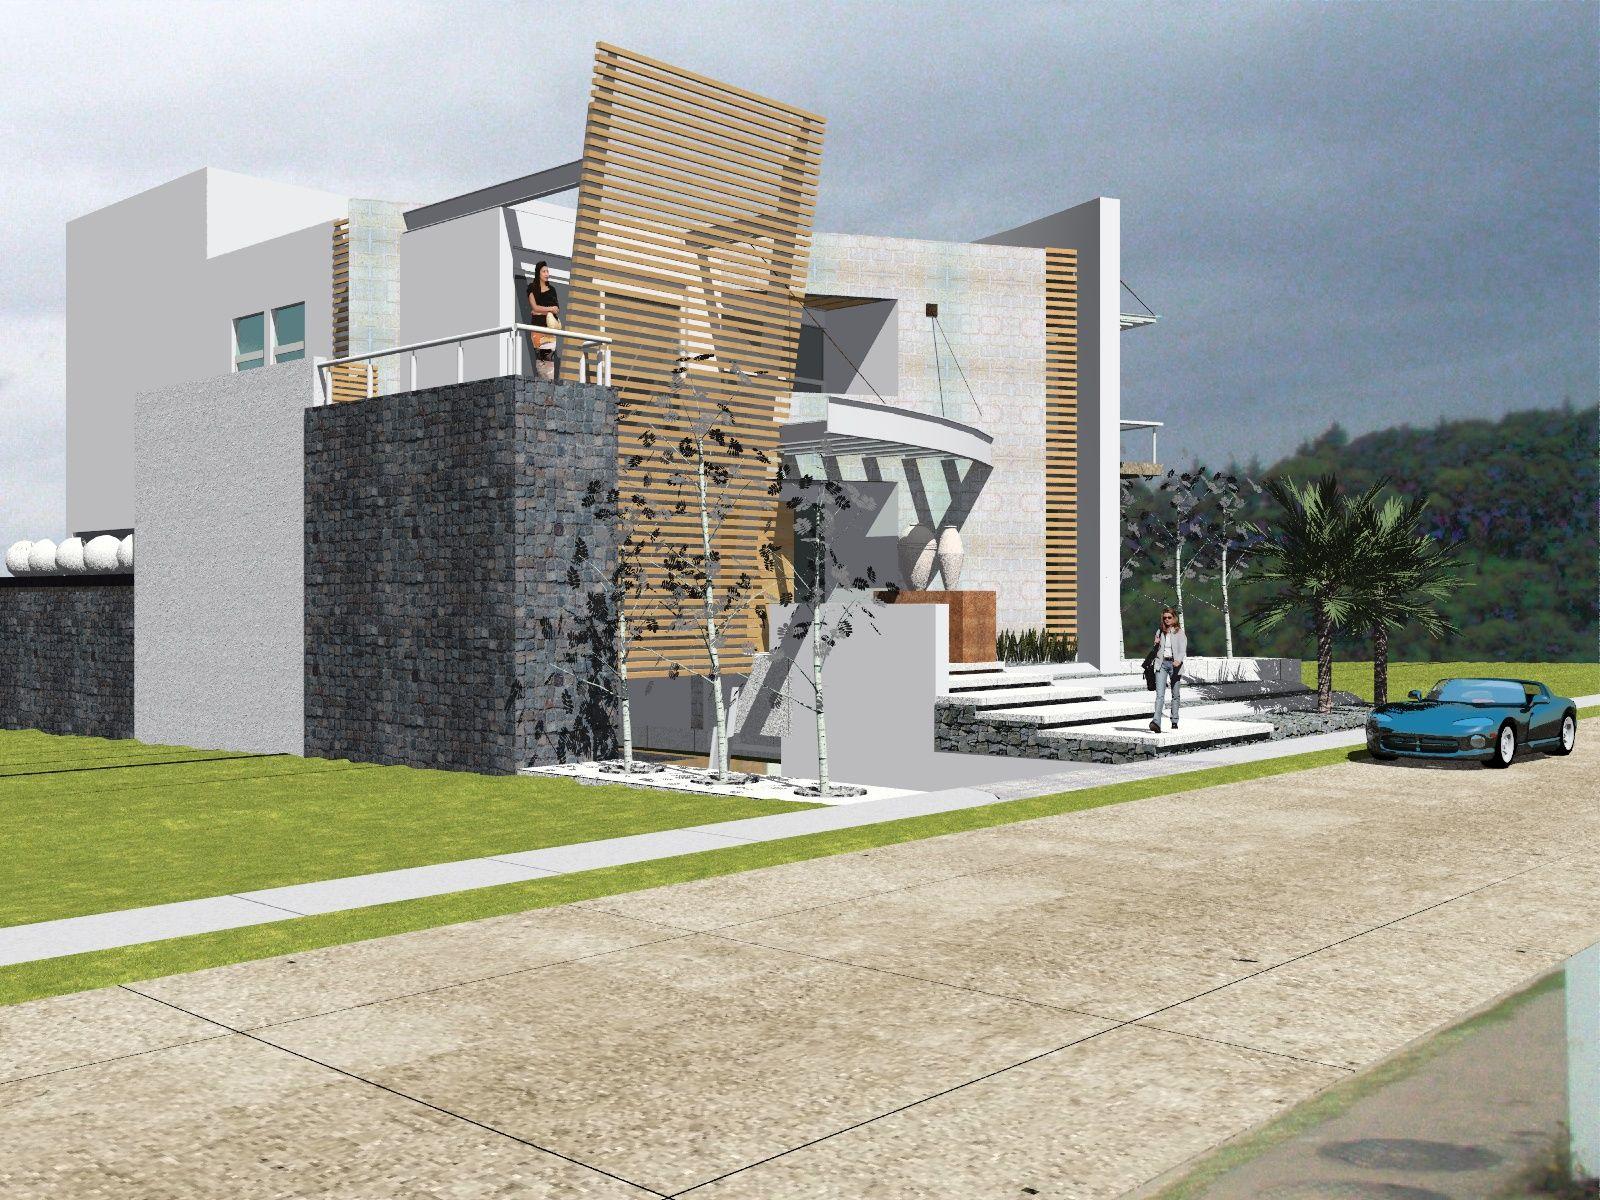 El dise o de la casa sai un tratamiento en fachada for Diseno de fachadas